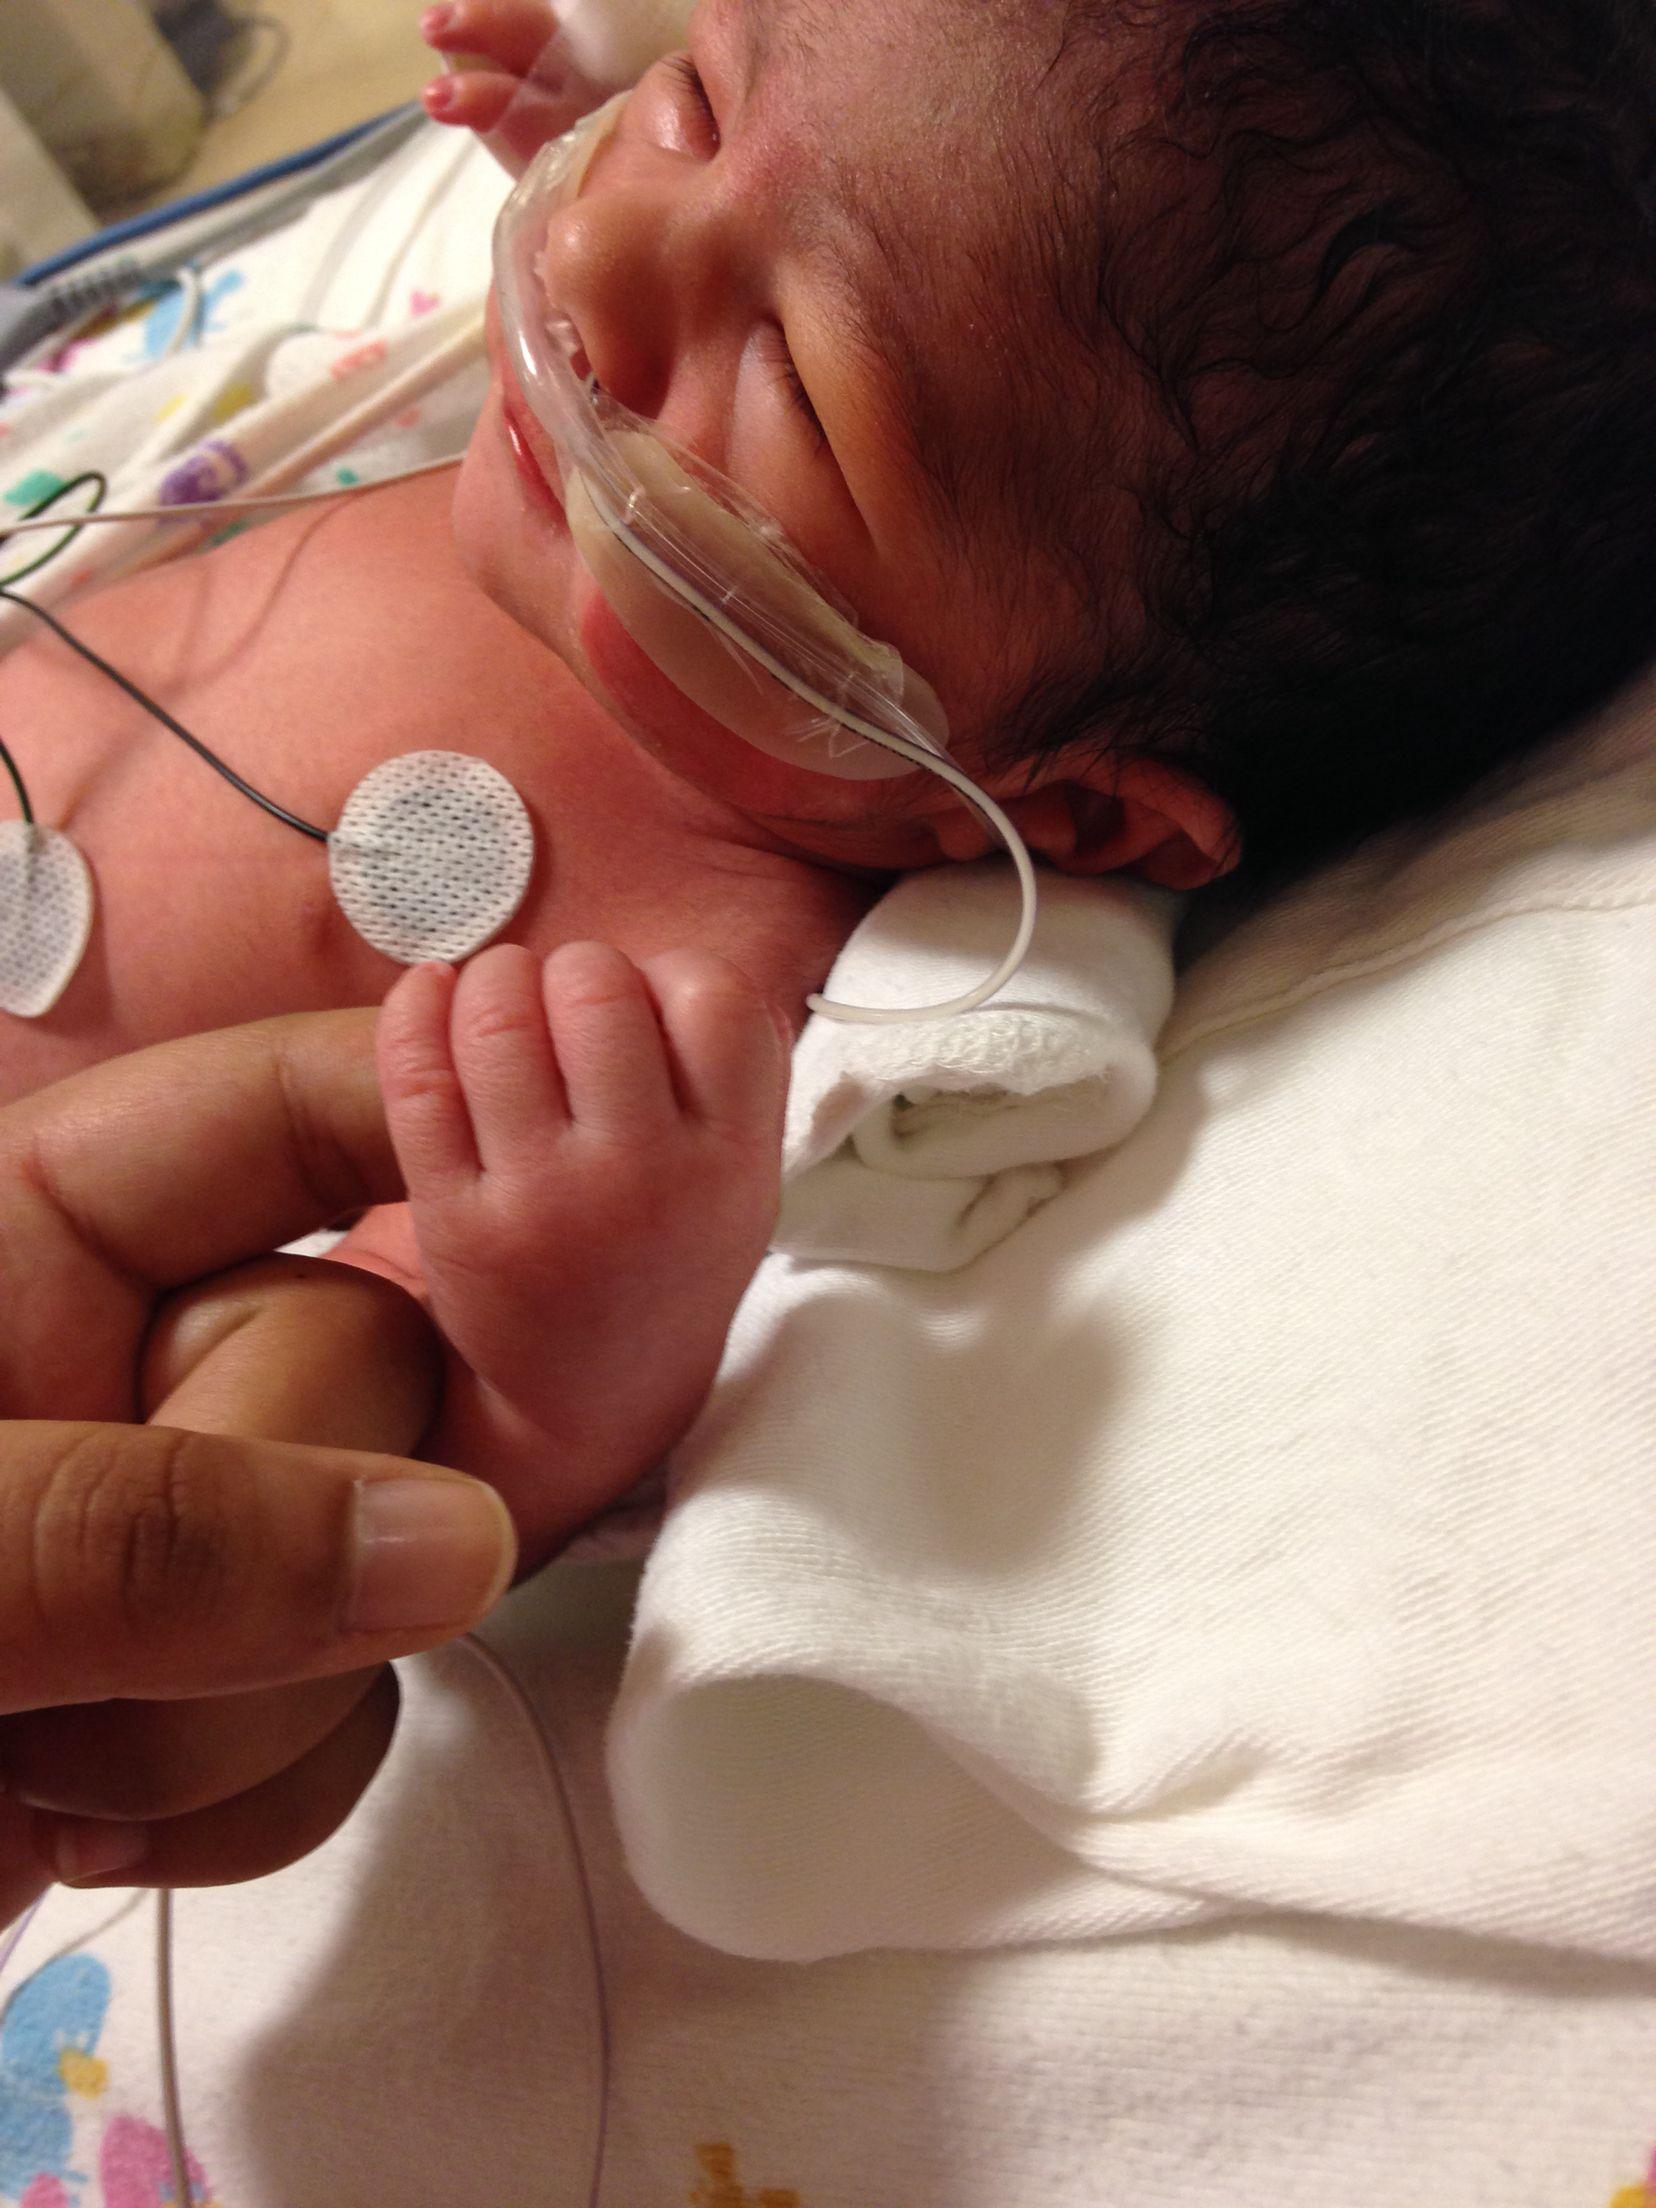 من أوائل الصور لطفلي عادل في المستشفى ولدت تاريخ 12 13 2014 ولدت قبل موعد ولادتي المتوقع الحمدلله حمدا كثيرا Earbuds Headphones Electronic Products